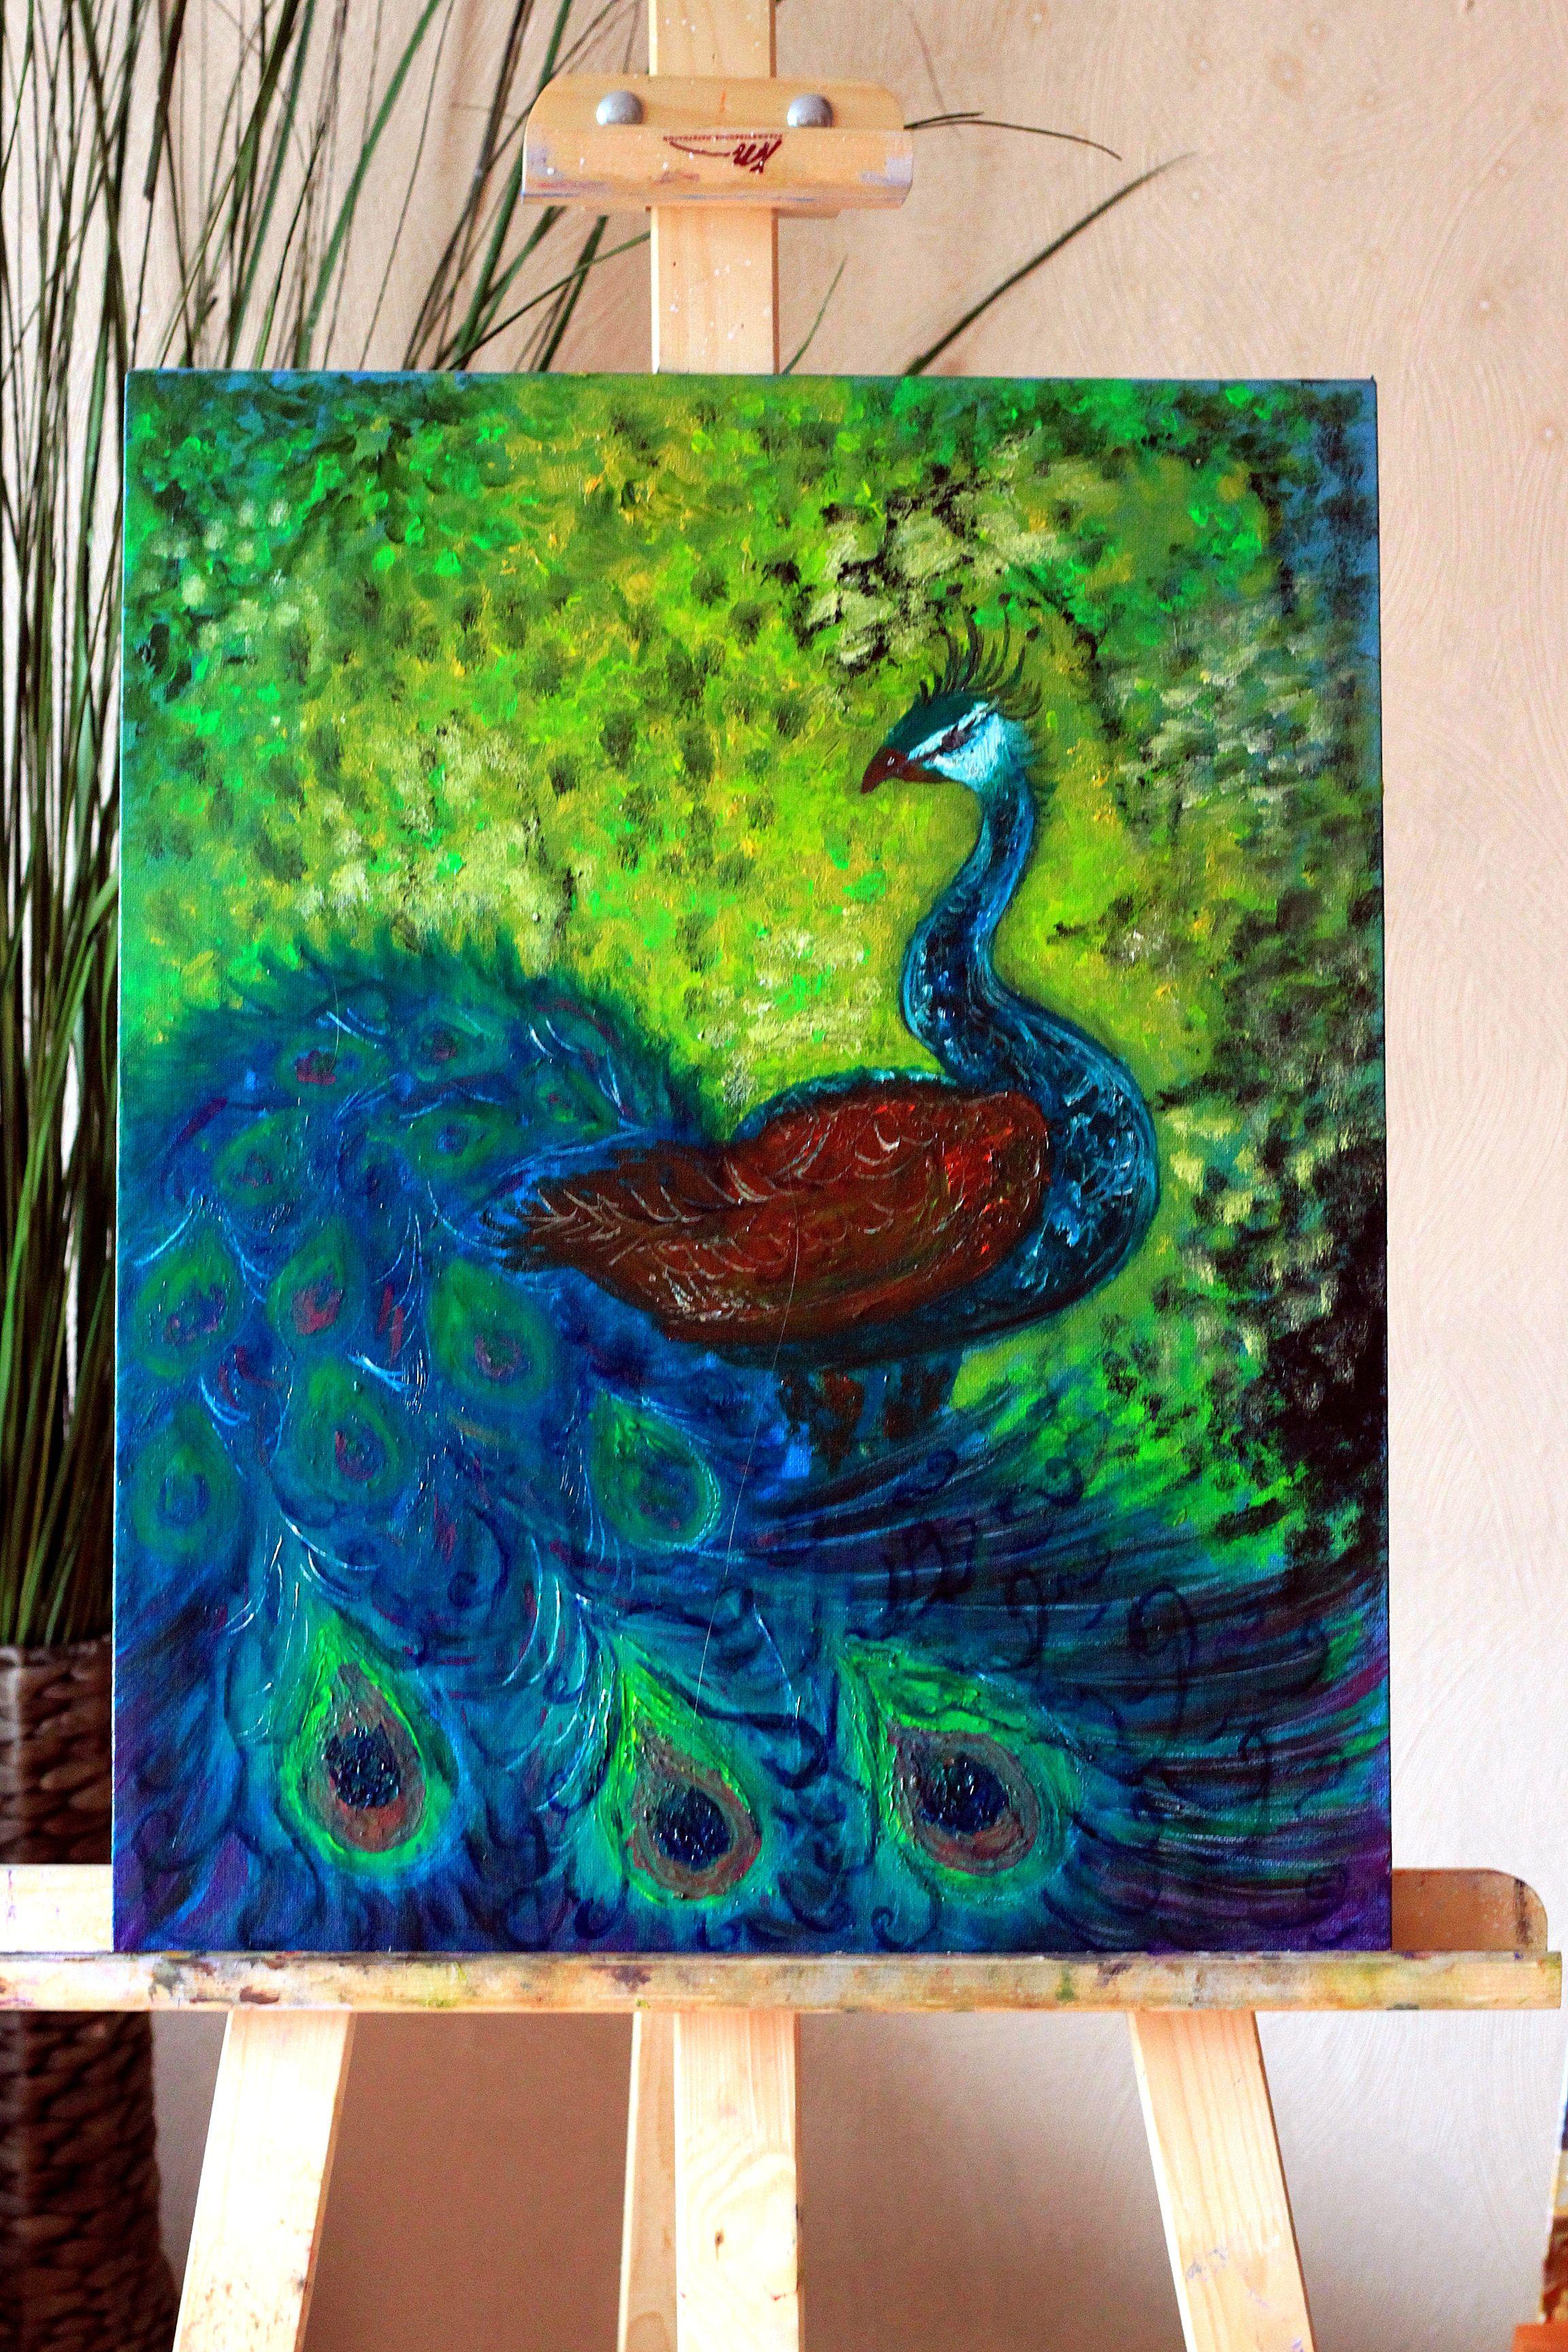 масло птица перья павлин акрил флюра флуоресцентный